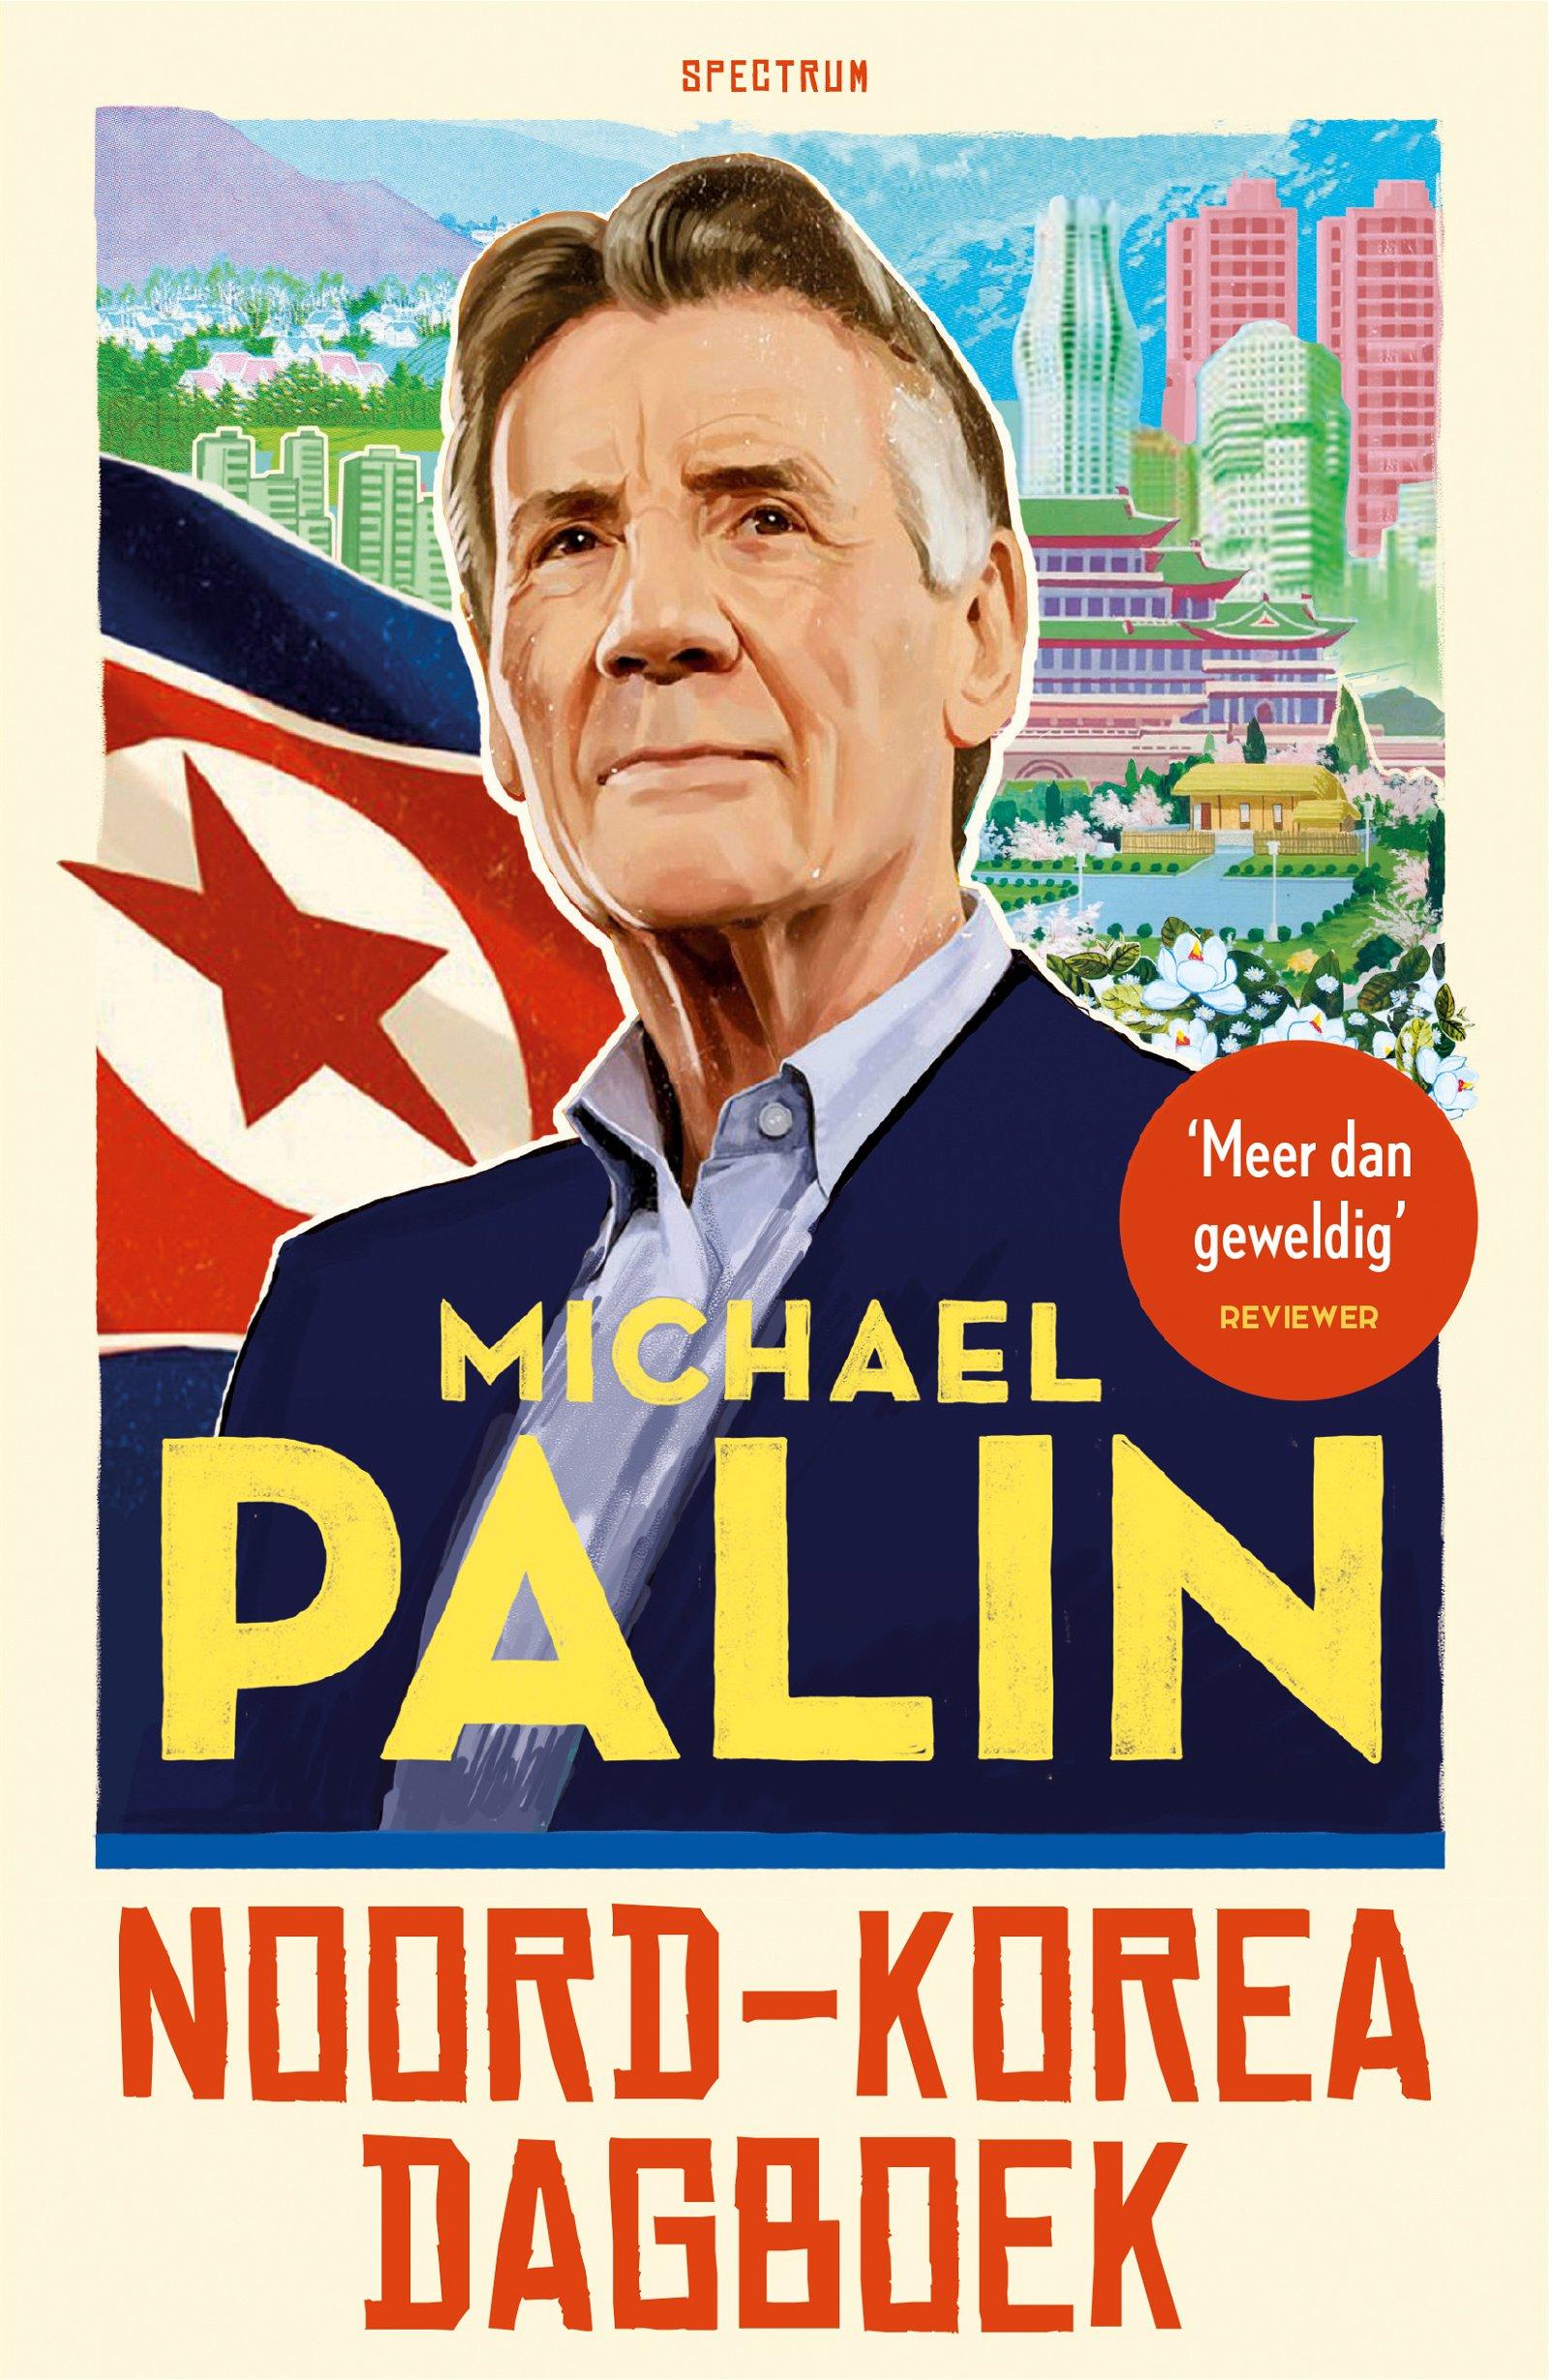 Noord-Korea Dagboek | Michael Palin 9789000370795 Michael Palin Unieboek   Reisverhalen Noord-Korea, Zuid-Korea